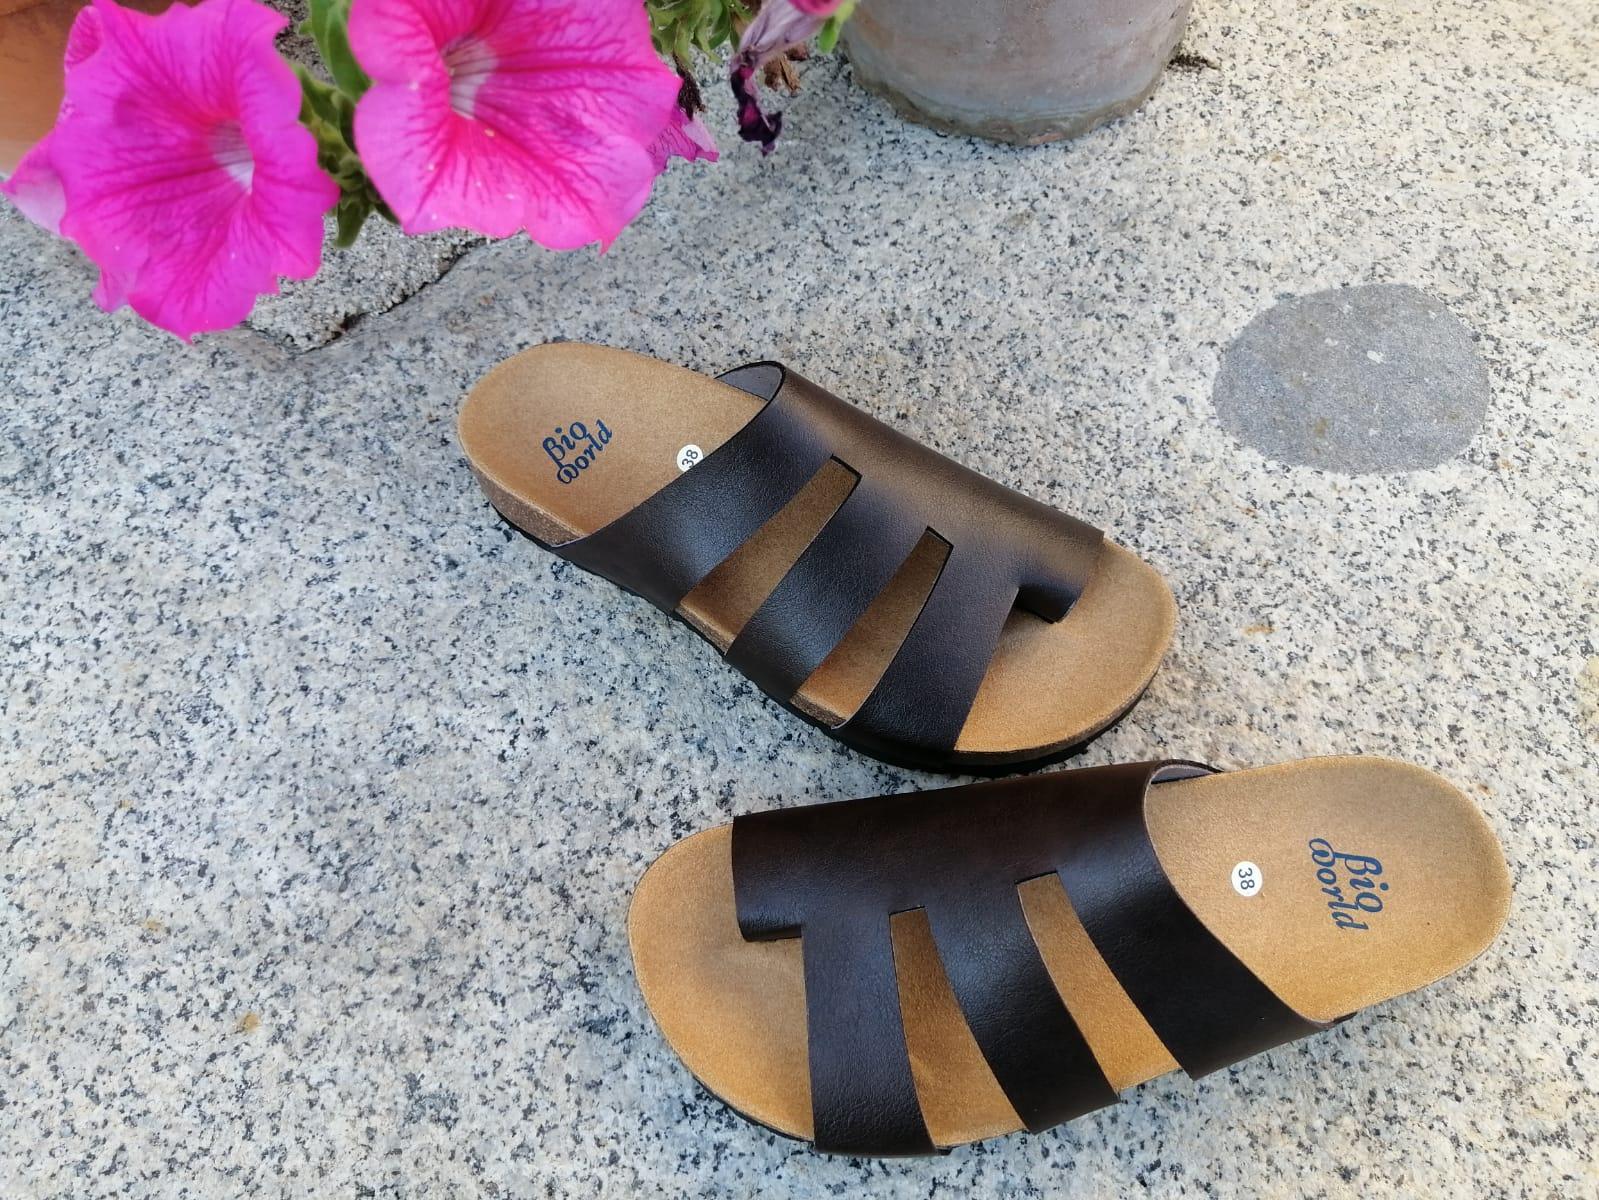 Modelo elias sandalias veganas, sandalias veganas mujer, calzado vegano, sandalias de tacón bajo, sandalias bioworld, vegan shoes.